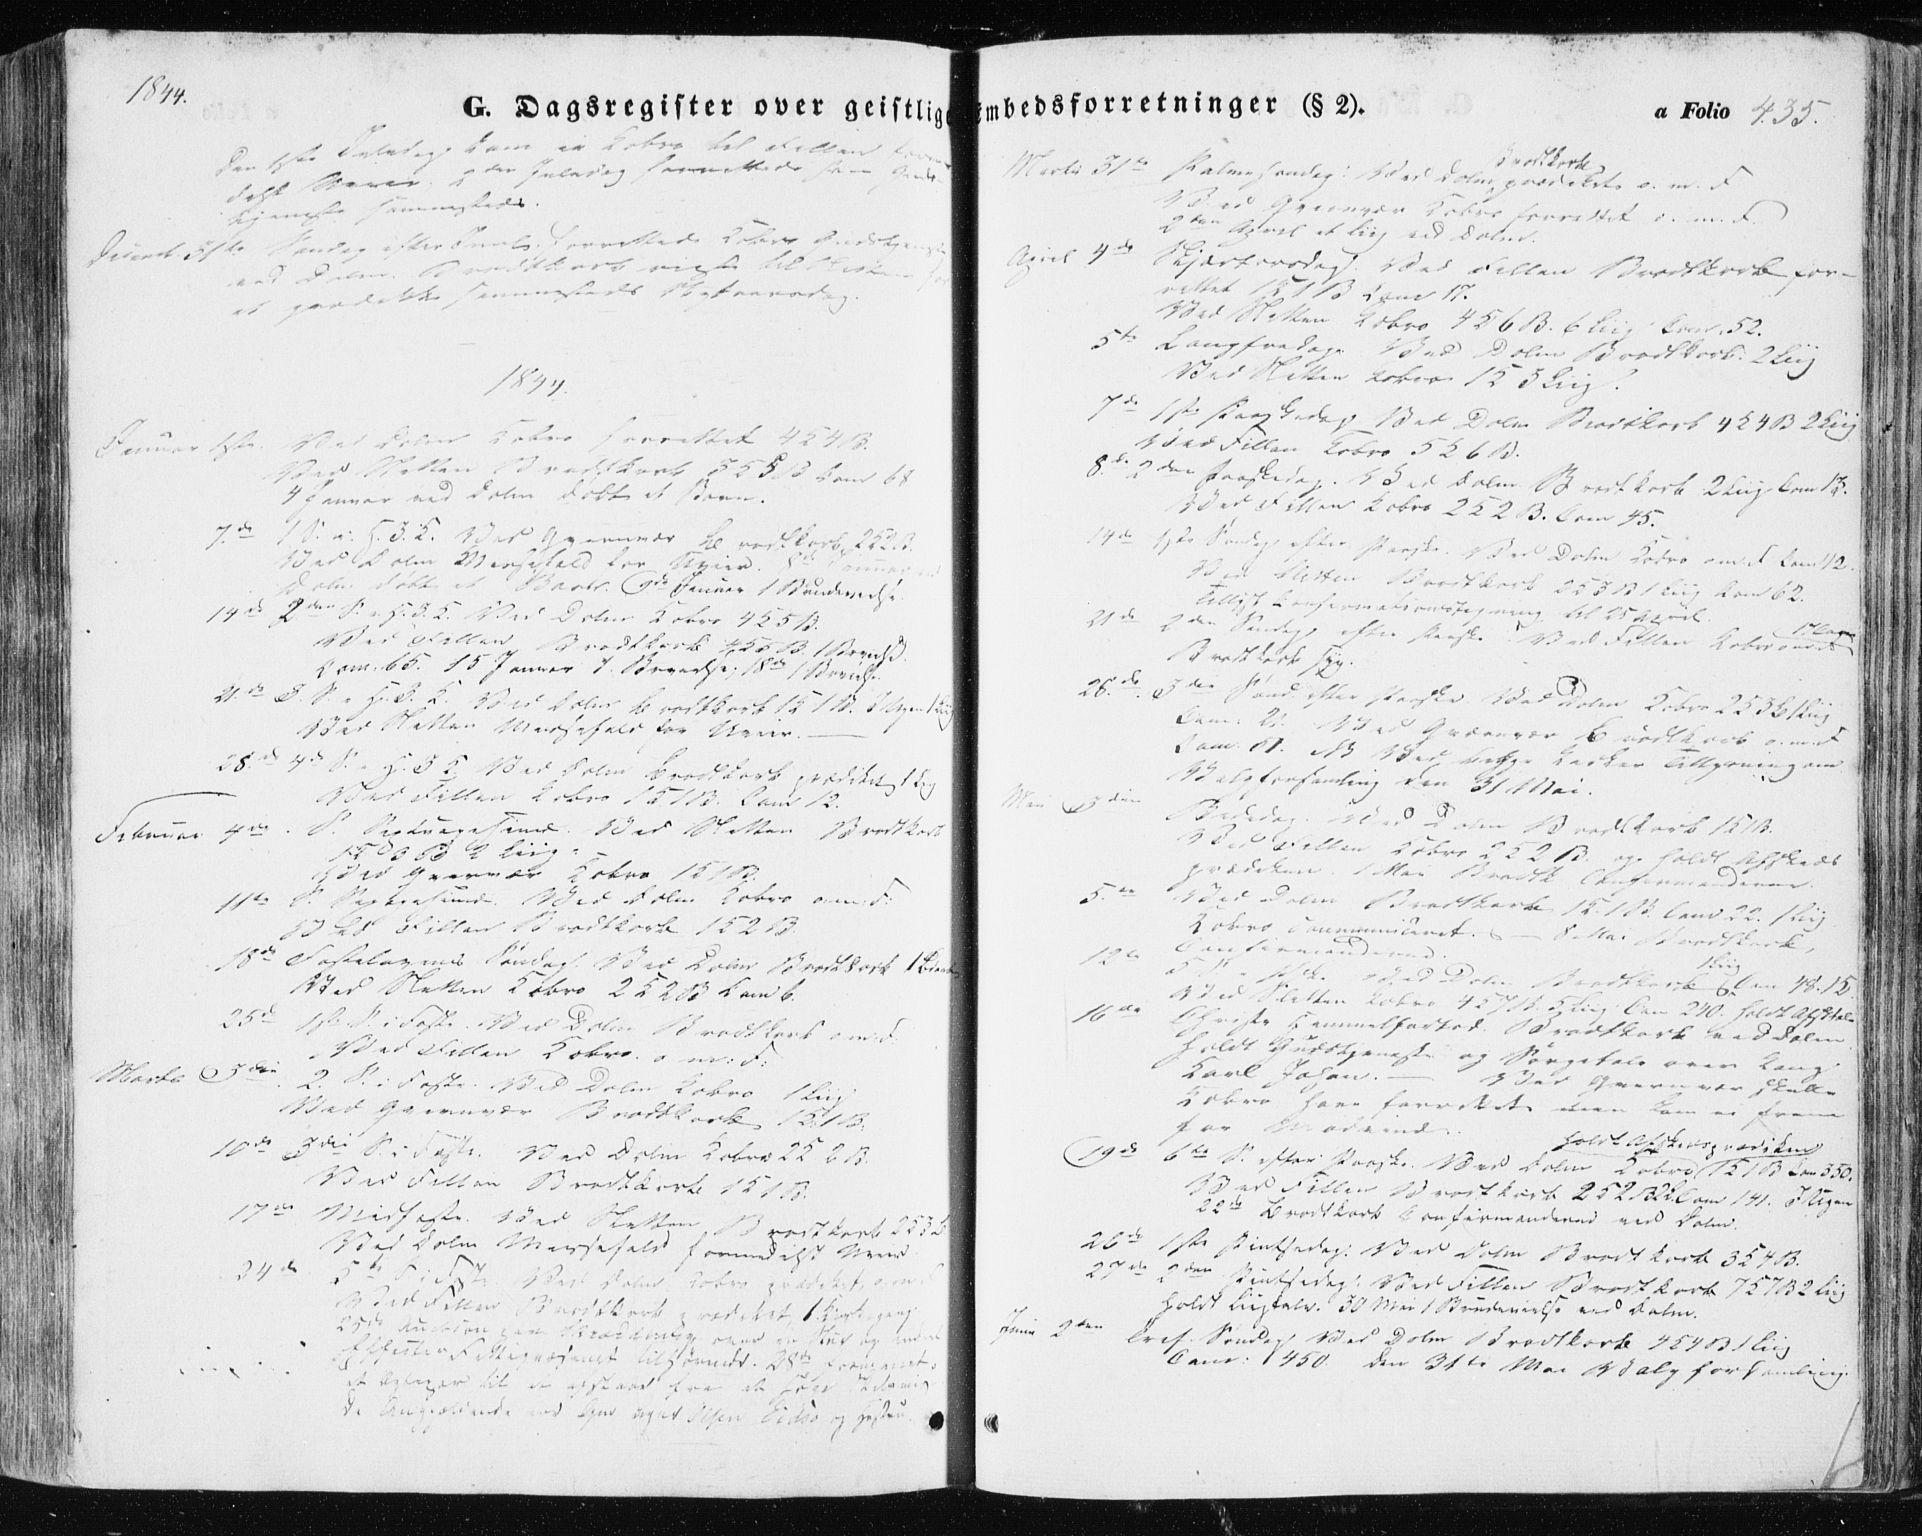 SAT, Ministerialprotokoller, klokkerbøker og fødselsregistre - Sør-Trøndelag, 634/L0529: Ministerialbok nr. 634A05, 1843-1851, s. 435